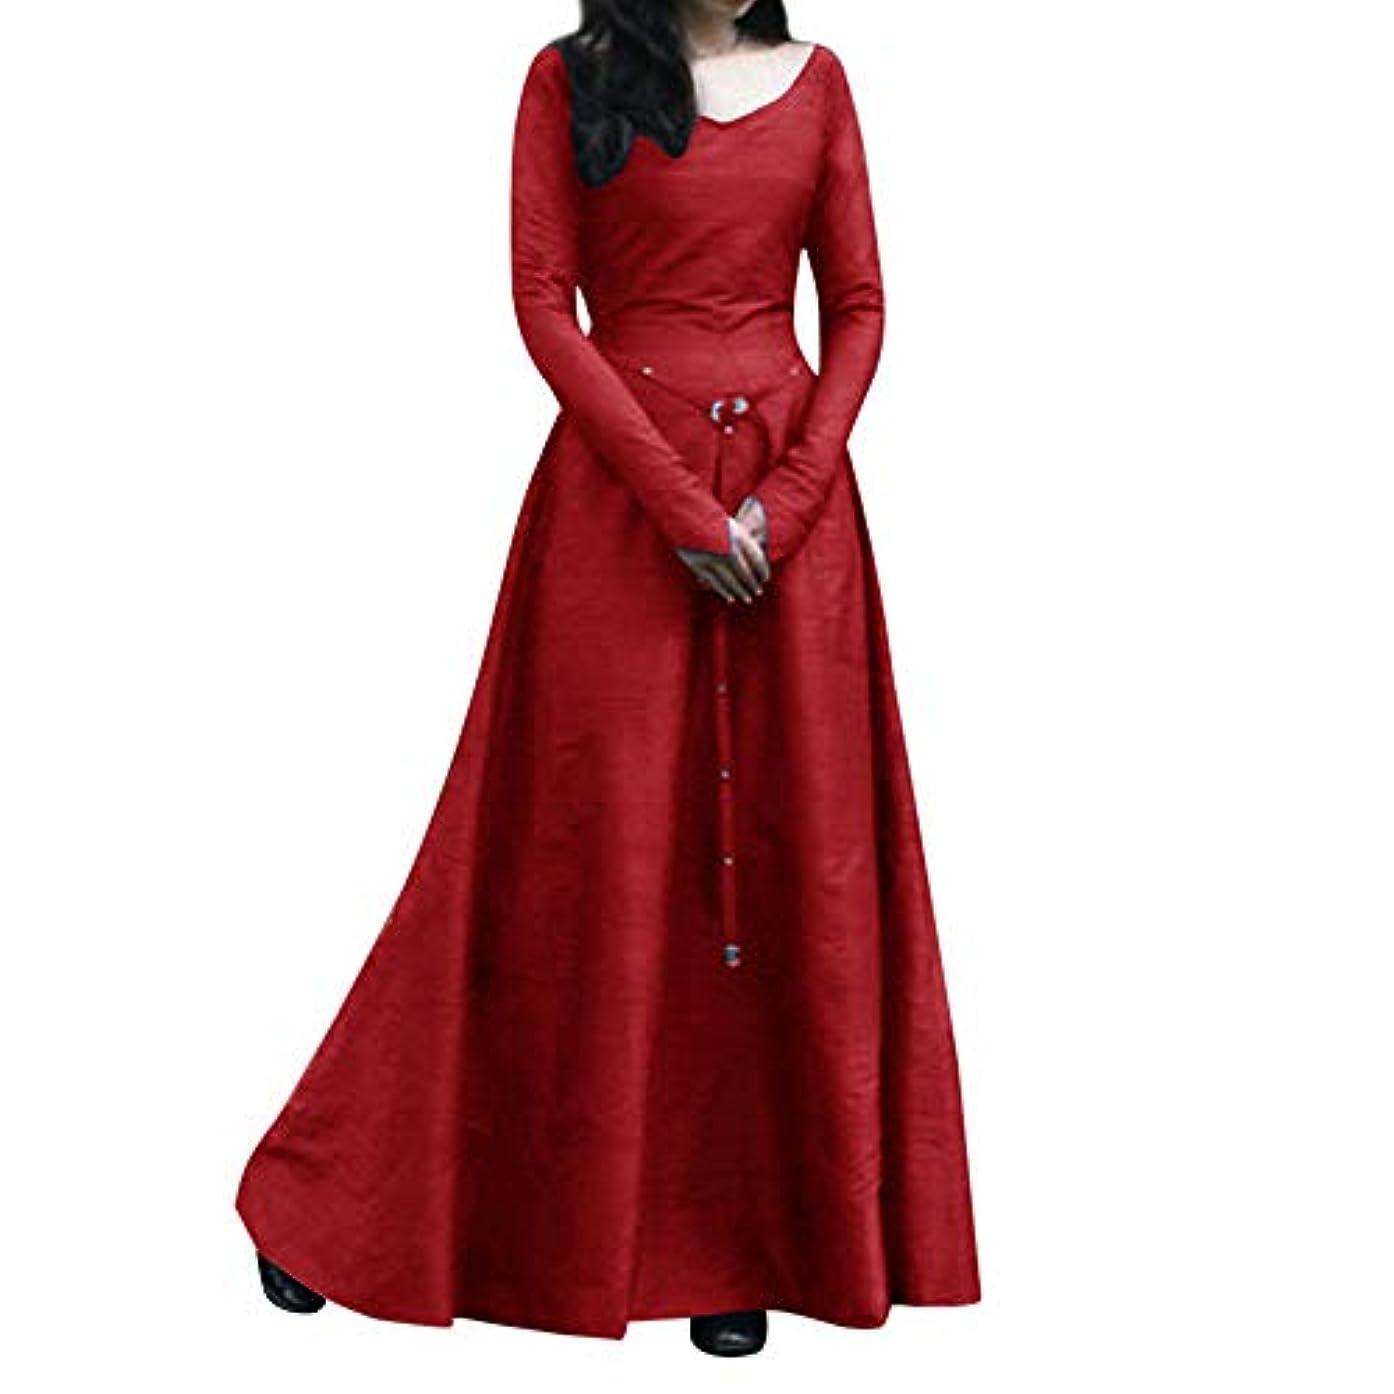 不注意に渡って抵抗貴族 ドレス お姫様 カラードレス Huliyun 王族服 豪華なドレス ウェディング ドレス プリンセスライン オペラ声楽 中世貴族風 演奏会ドレス ステージドレス ブ シンデレラドレス コスチューム